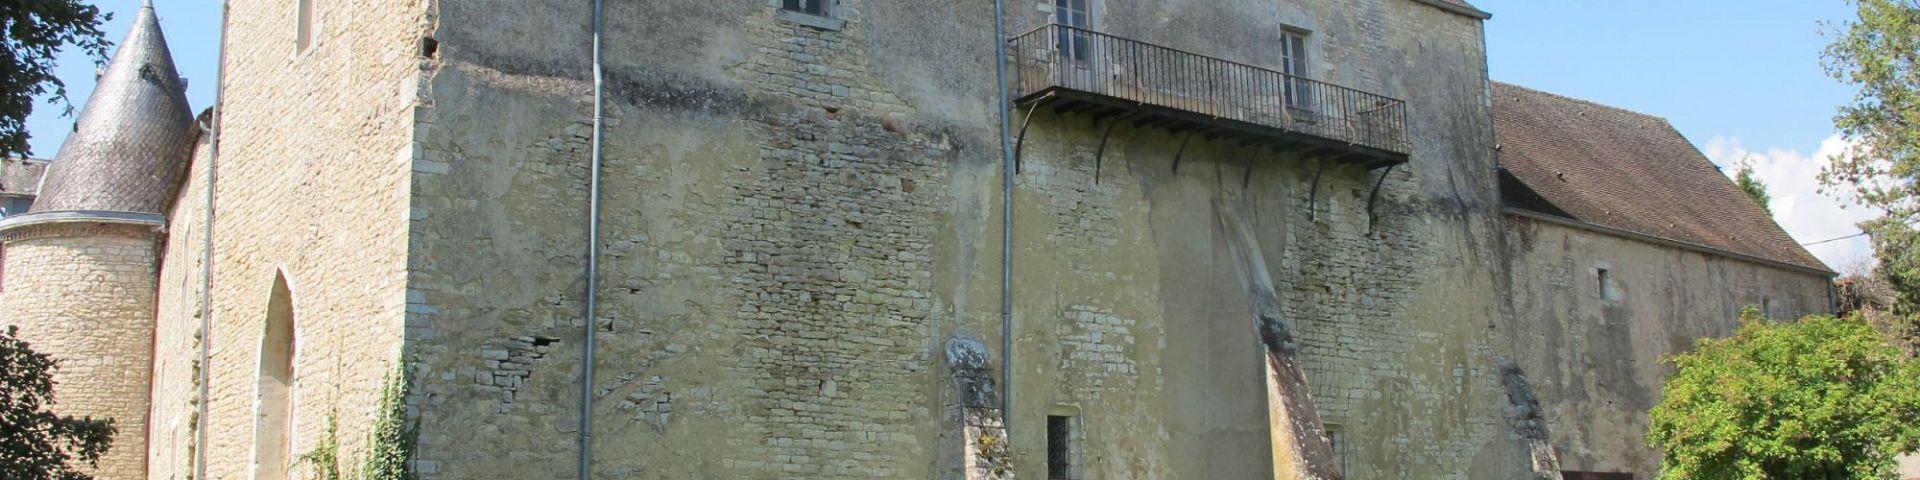 Chagny - Chateau de Bellecroix (71)